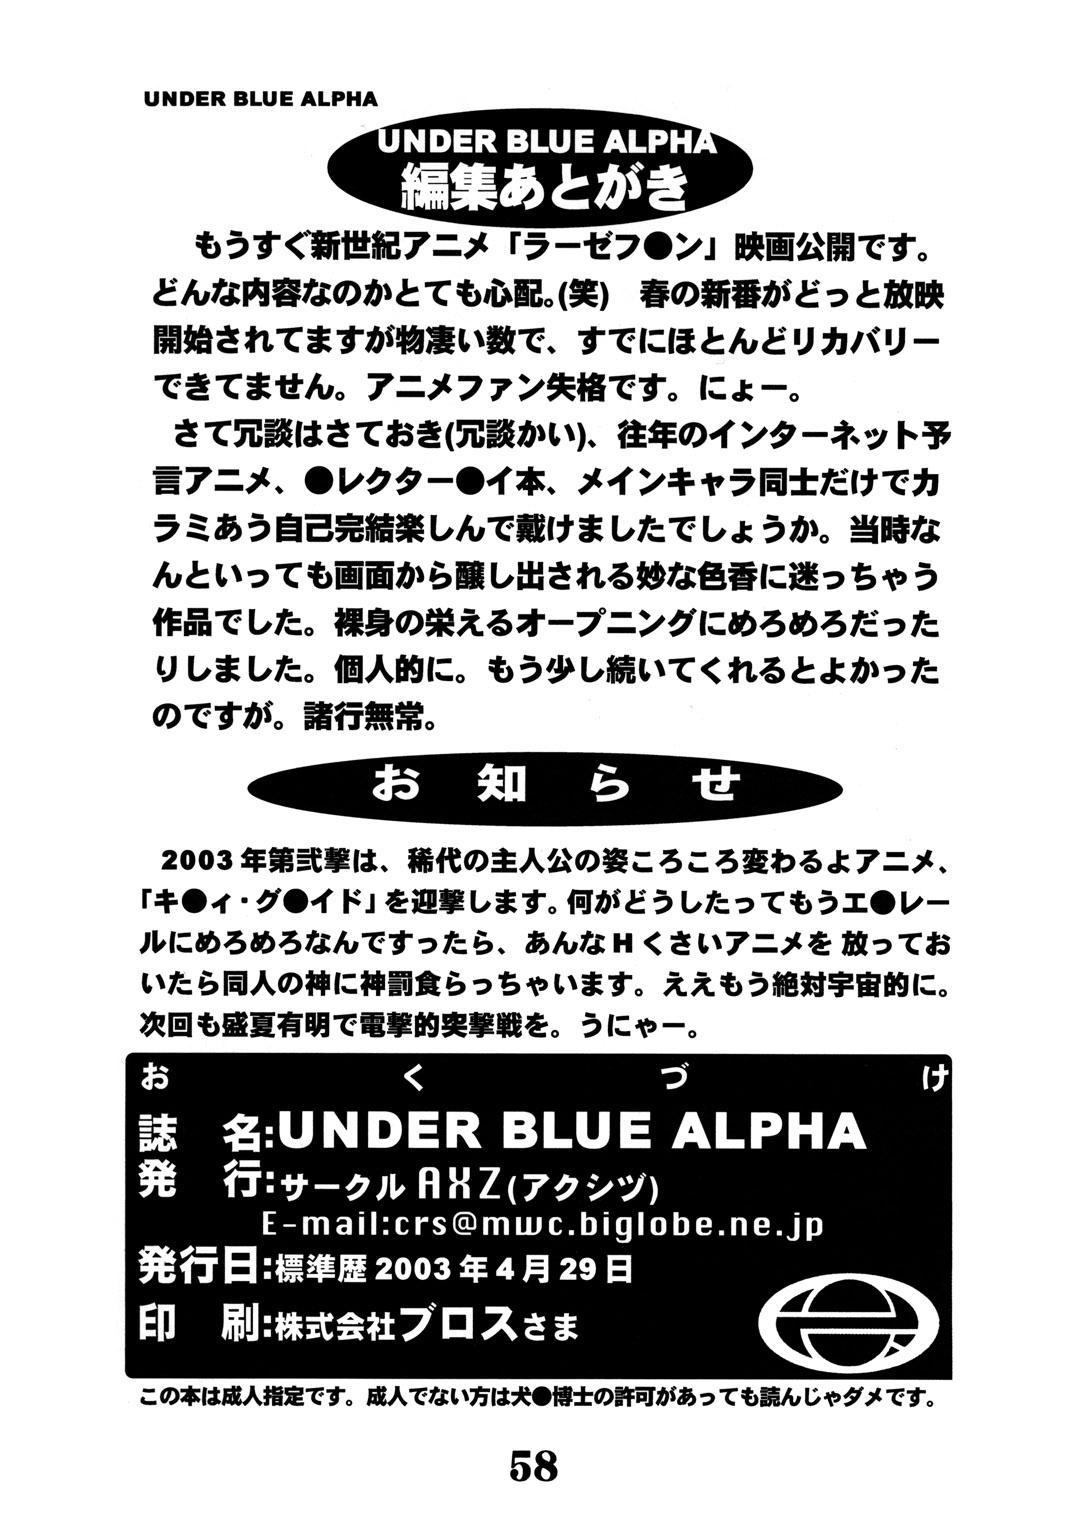 UNDER BLUE ALPHA 58